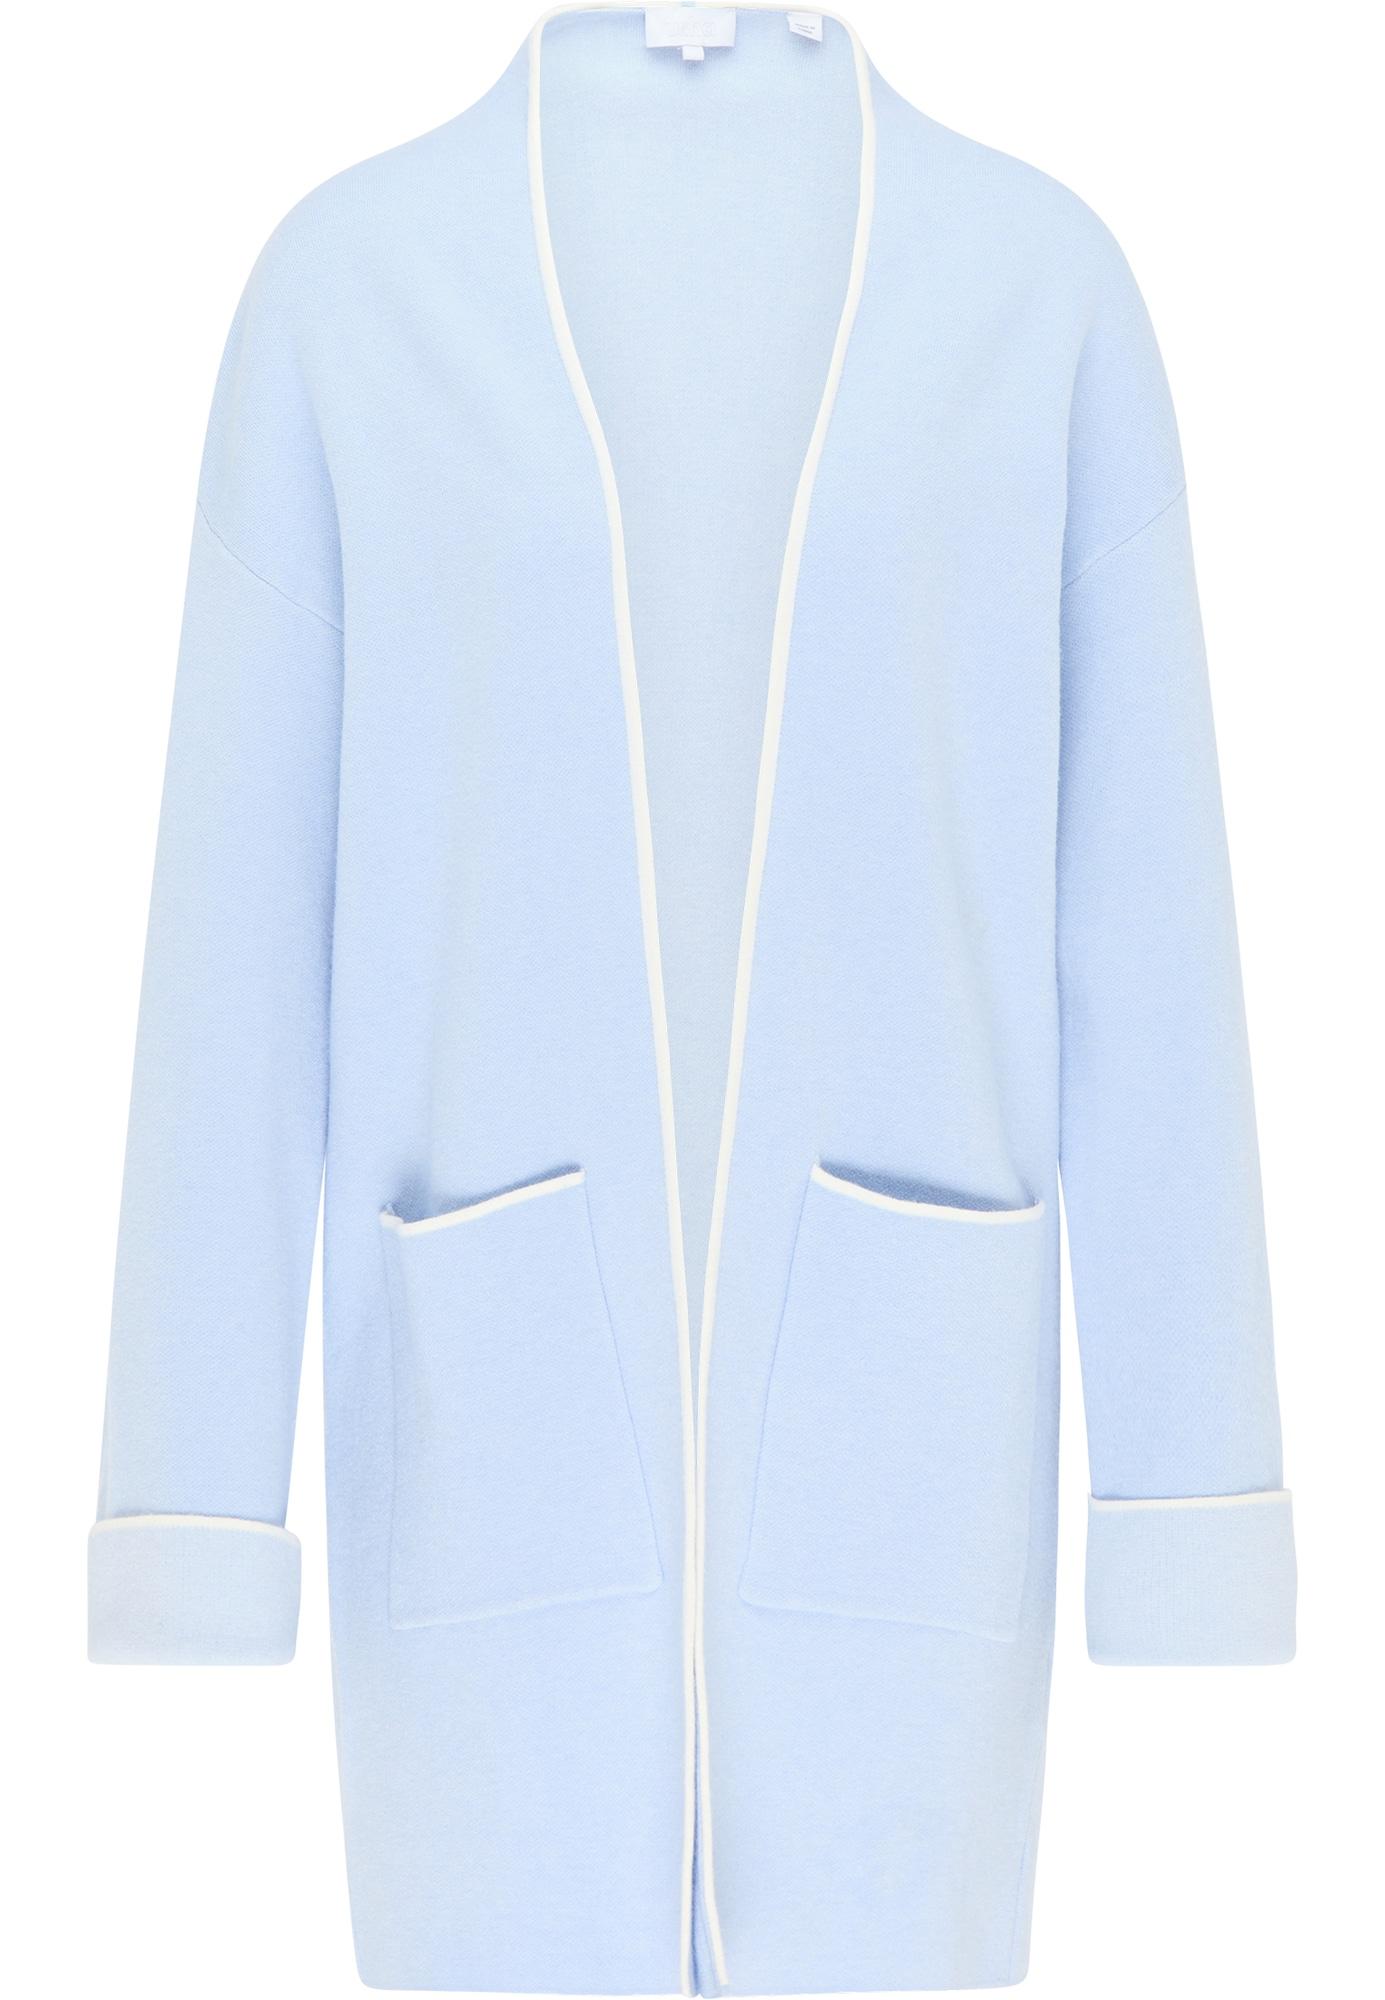 usha WHITE LABEL Ilgas kardiganas balta / šviesiai mėlyna